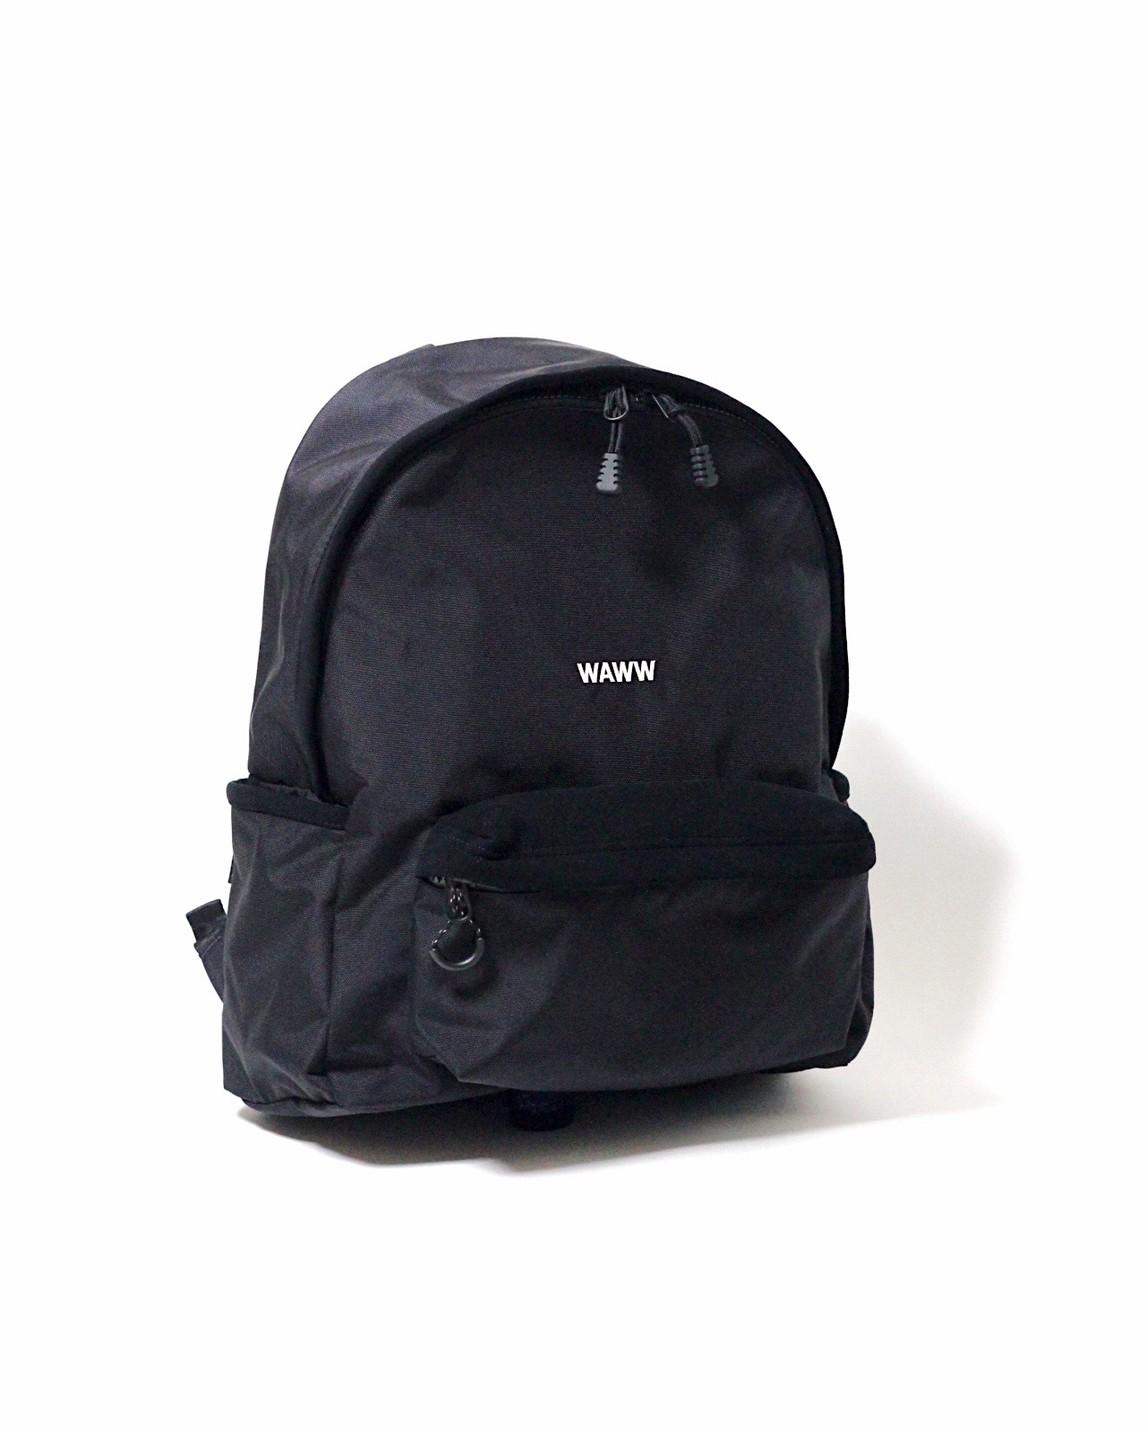 WAWW BACKPACK